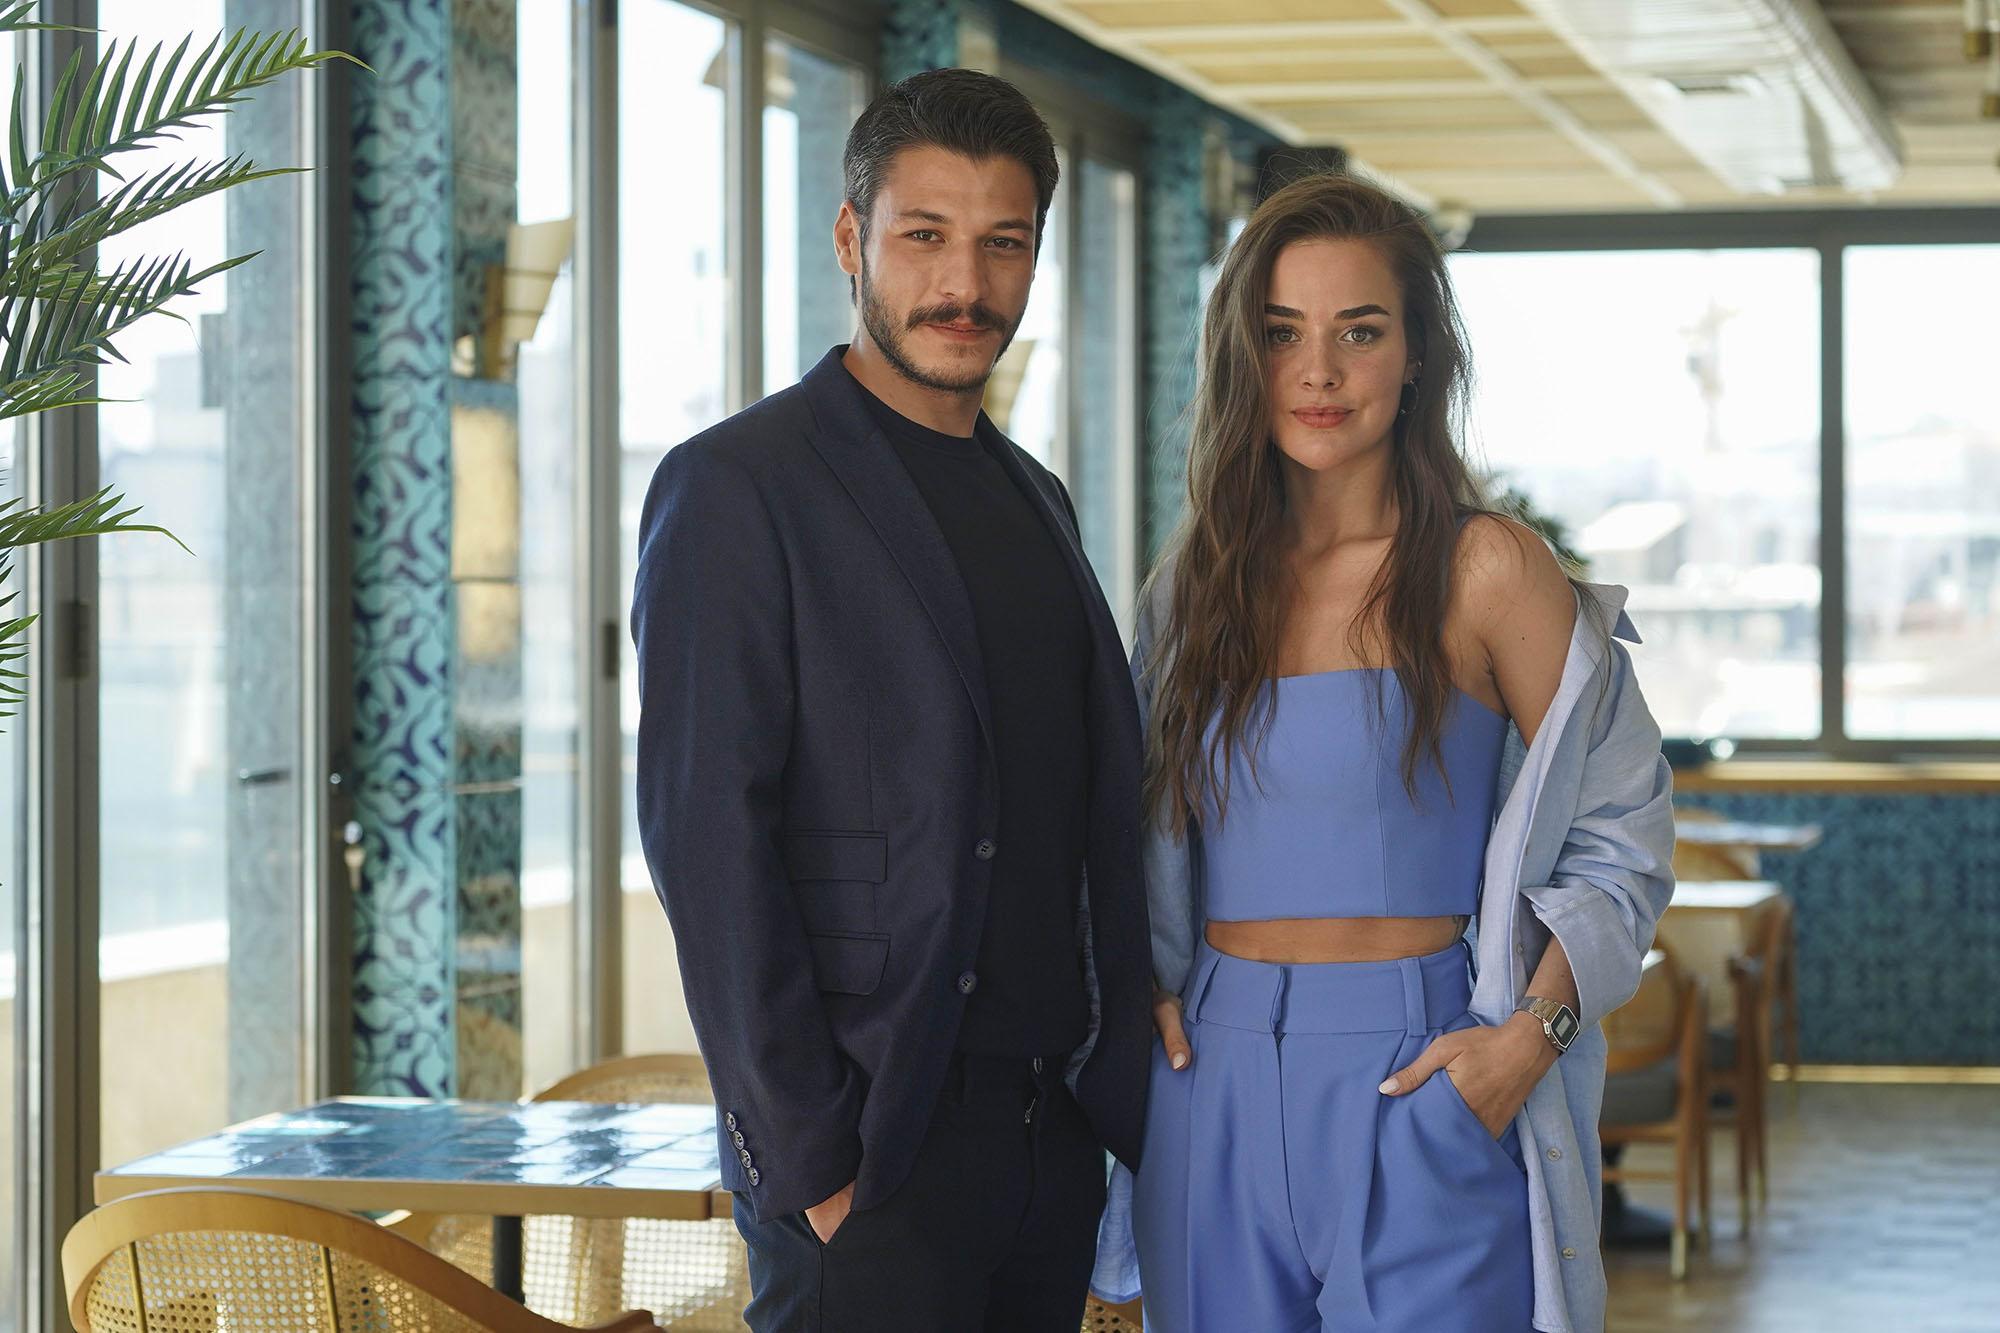 2021 مسلسل أسقف زجاجية مسلسل أسقف زجاجية الجزء الأول التركي صور الأبطال + تقرير الموسم الأول مترجم . أسقف زجاجية